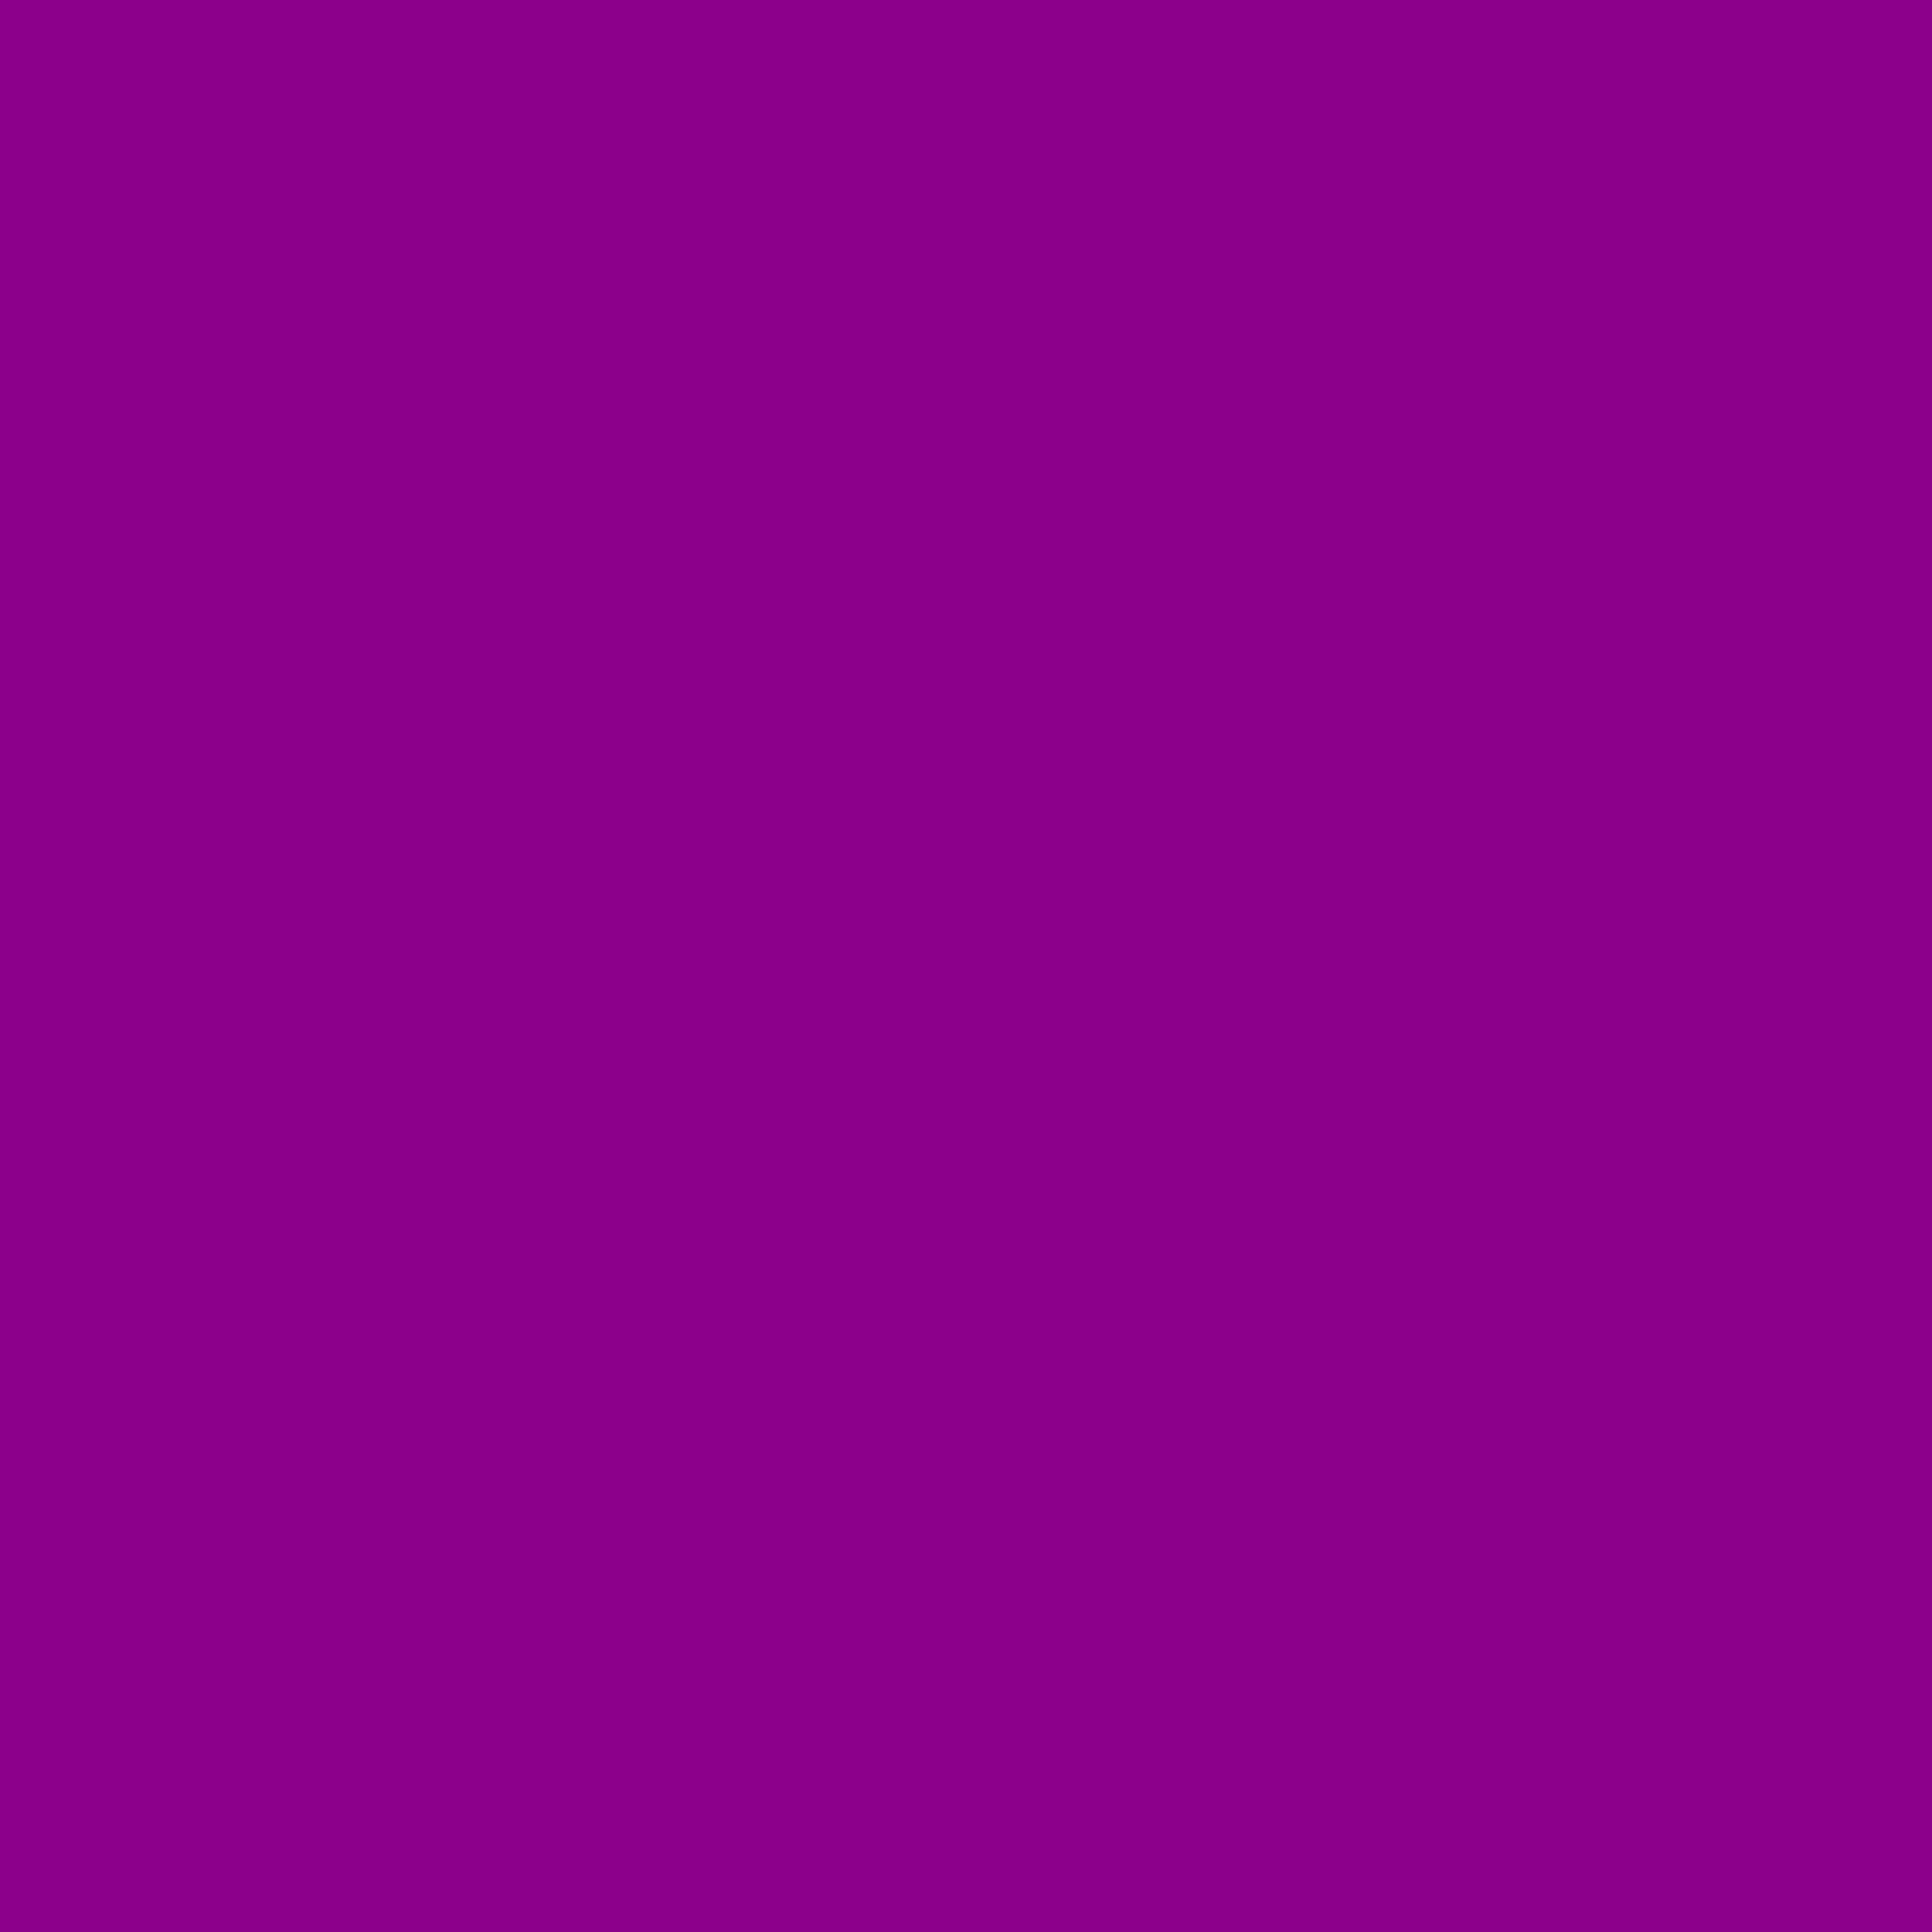 2732x2732 Dark Magenta Solid Color Background